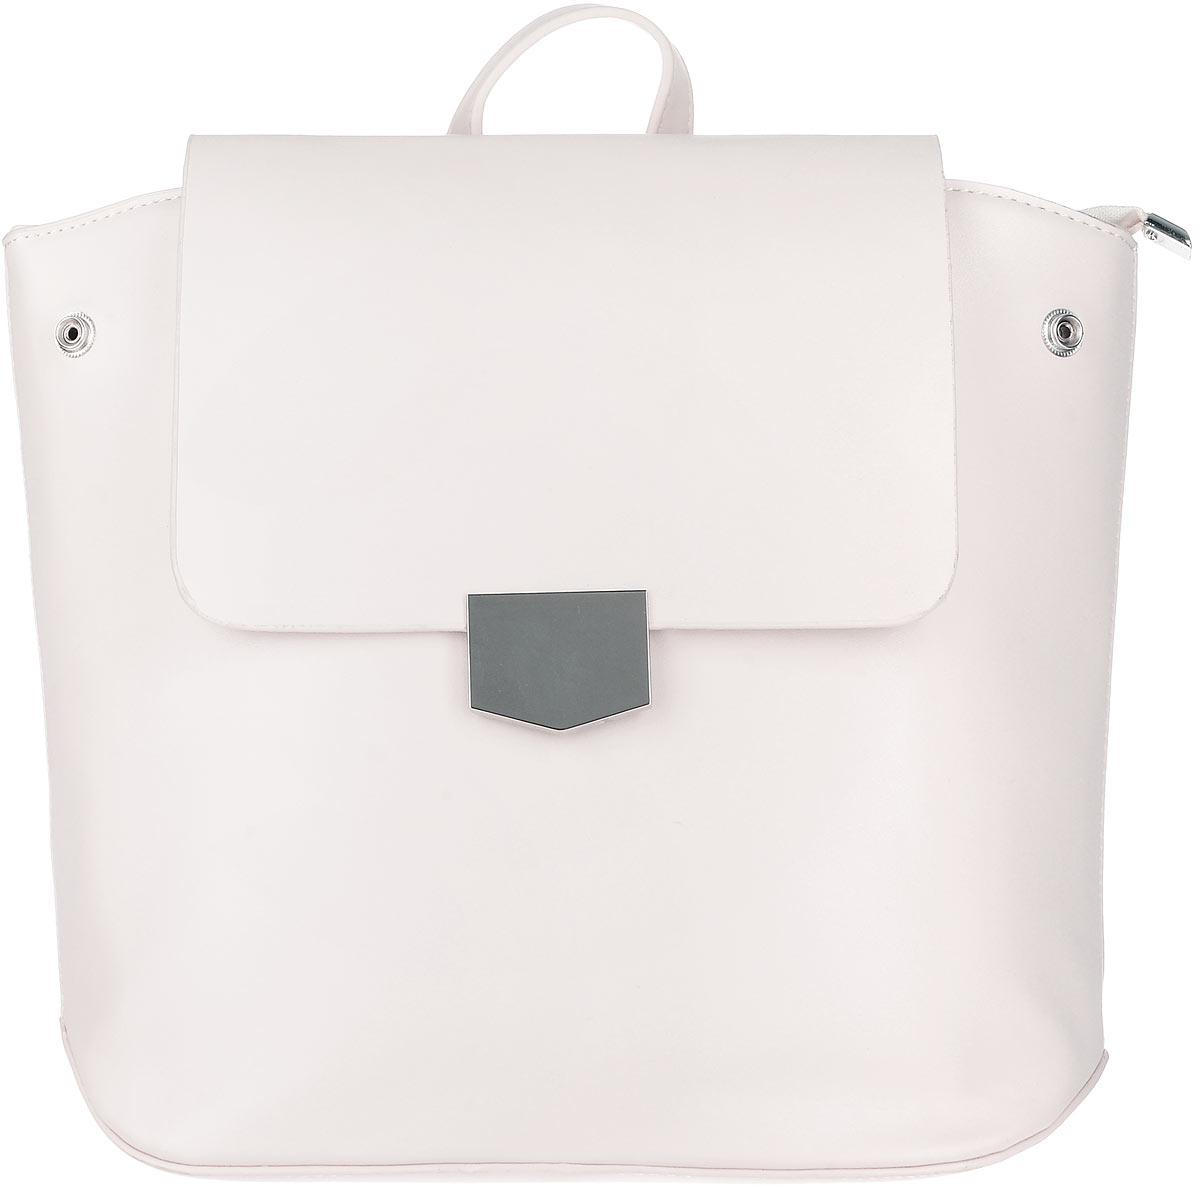 Рюкзак женский OrsOro, цвет: топленое молоко. D-262/3RivaCase 8460 blackЭлегантный рюкзак OrsOro исполнен из экокожи высокого качества. Имеет одно вместительное отделение прикрытое клапаном на магнитной кнопке и под ним застегивающийся на молнию. Так же в отделении присутствуют два накладных кармашка под сотовый телефон или для мелочей и один прорезной карман на застежке-молнии. Рюкзак обладает удобной ручкой сверху для переноски и двумя регулируемыми плечевыми ремнями-лямками на карабинах. По бокам рюкзака имеются четыре кнопки благодаря которым можно регулировать форму рюкзака от прямоугольной до трапецевидной.